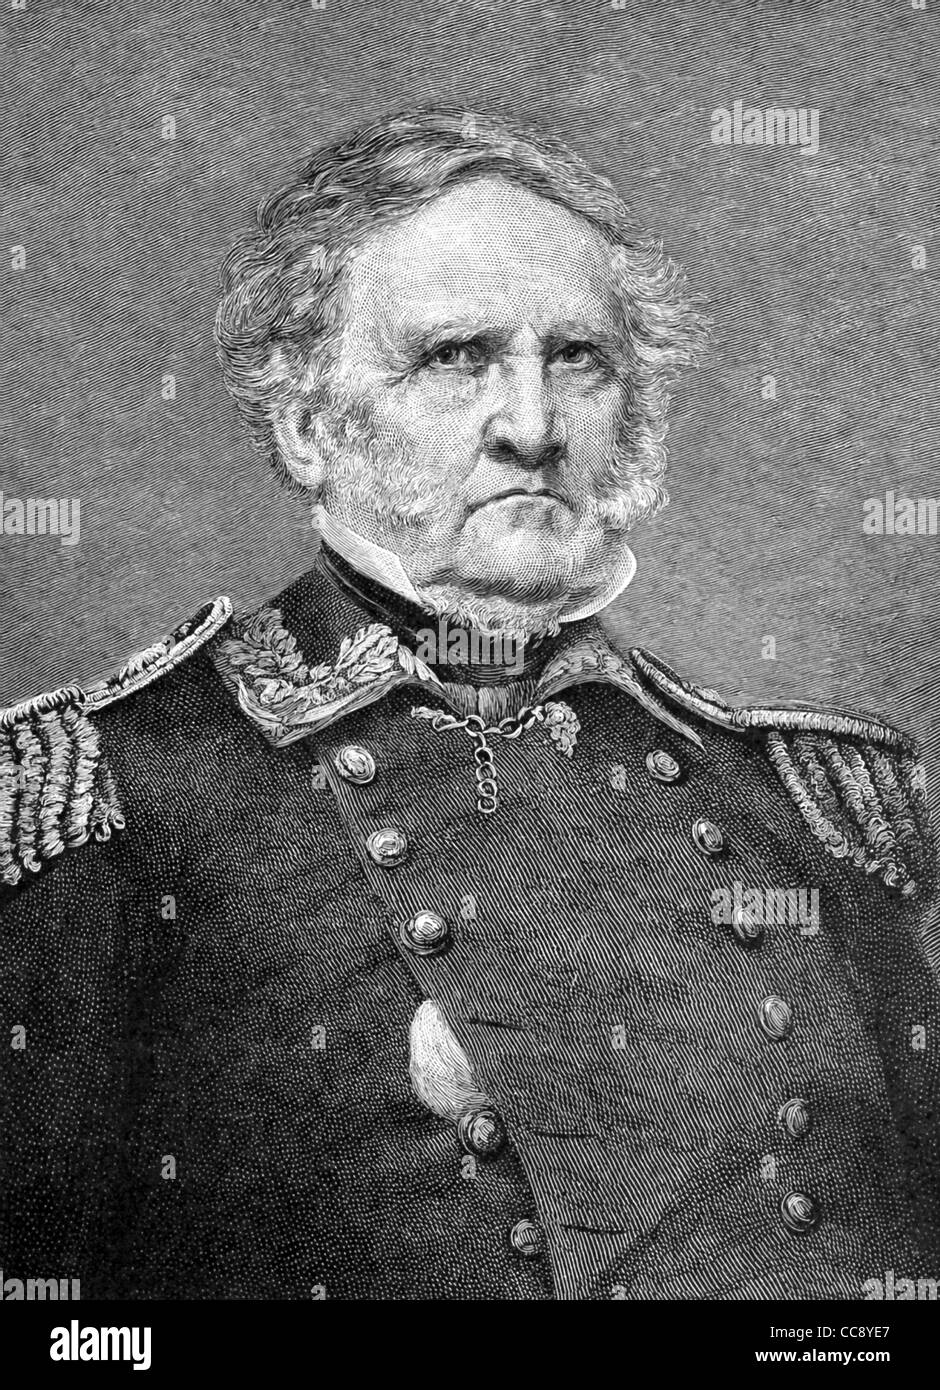 Cette illustration du général Sam Houston (1793-1863) est basé sur une photo de guerre civile nous Photo Stock